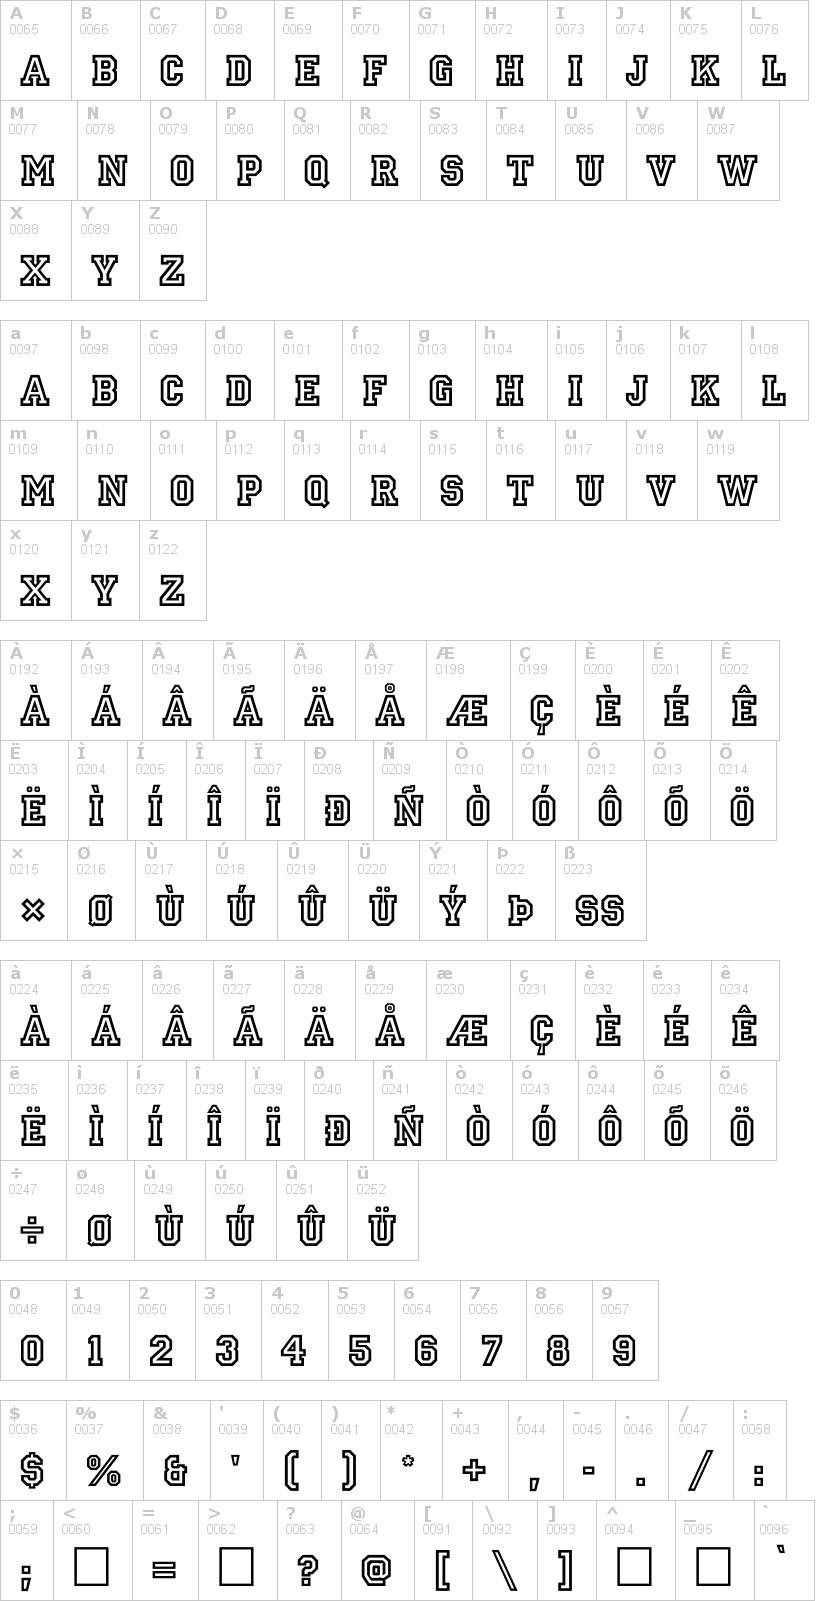 Lettere dell'alfabeto del font allstar con le quali è possibile realizzare adesivi prespaziati